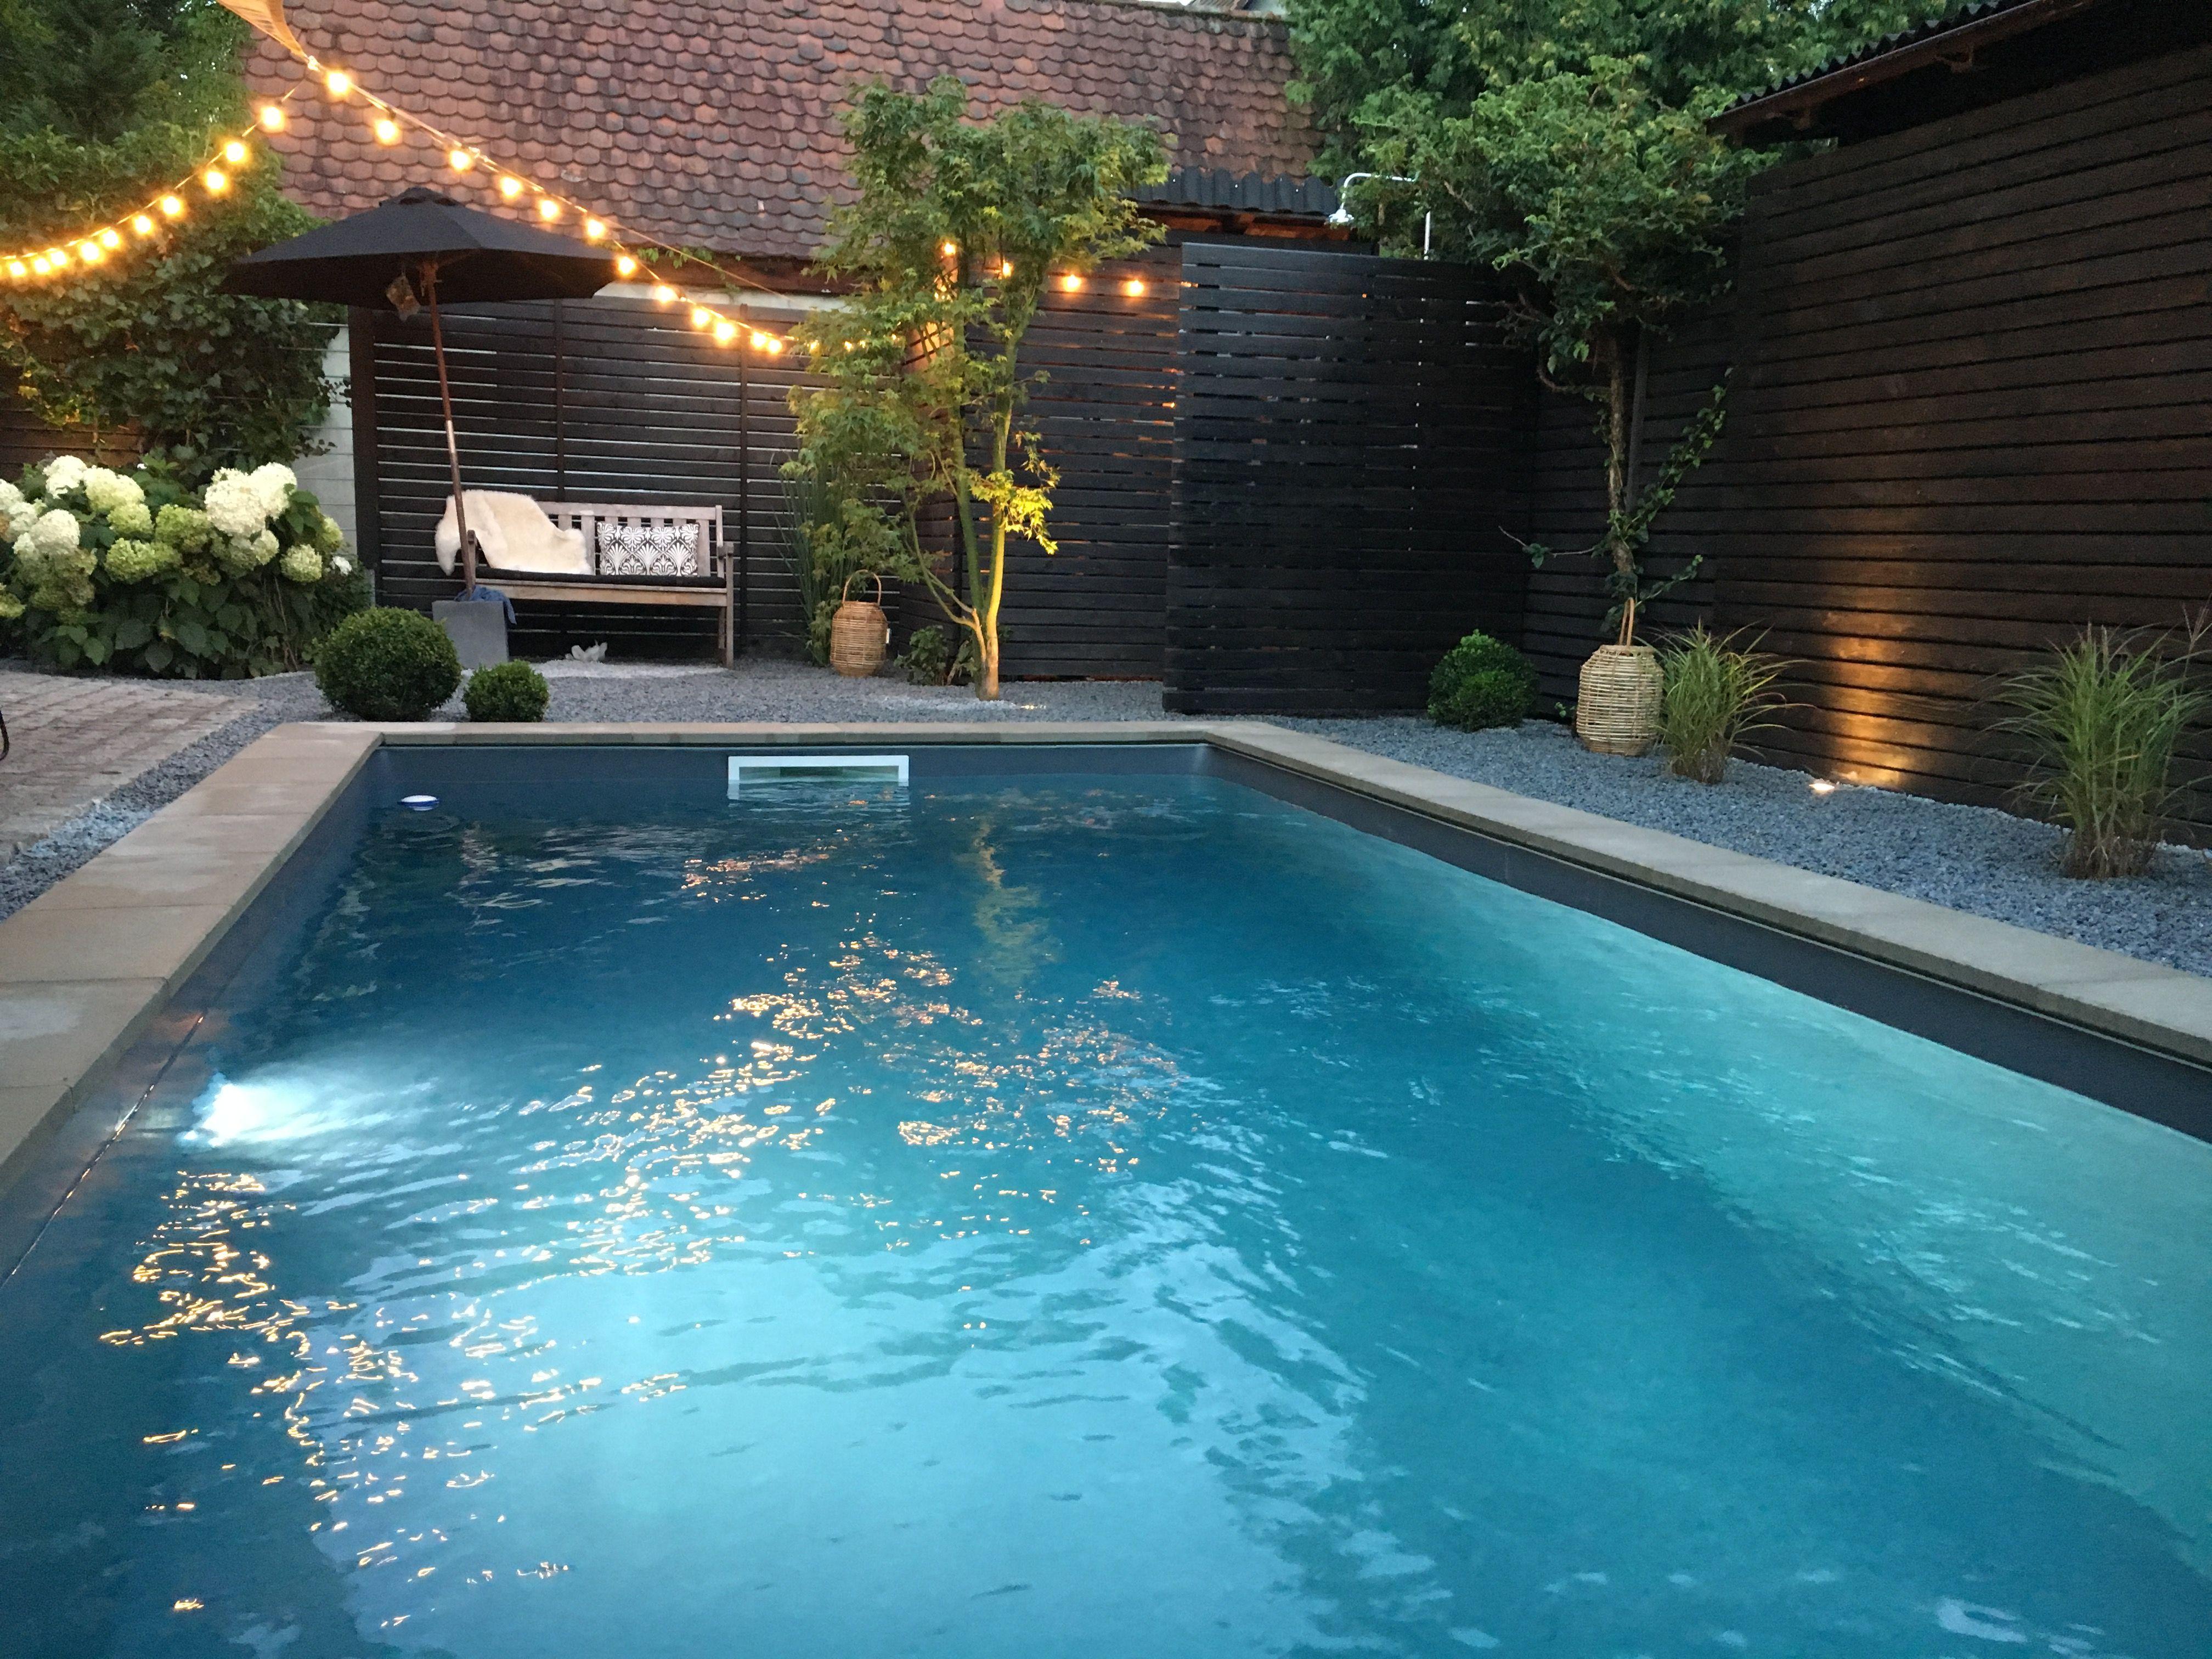 Pool In Kleinem Garten Und Grauer Folie Pool Im Garten Garten Kleiner Garten